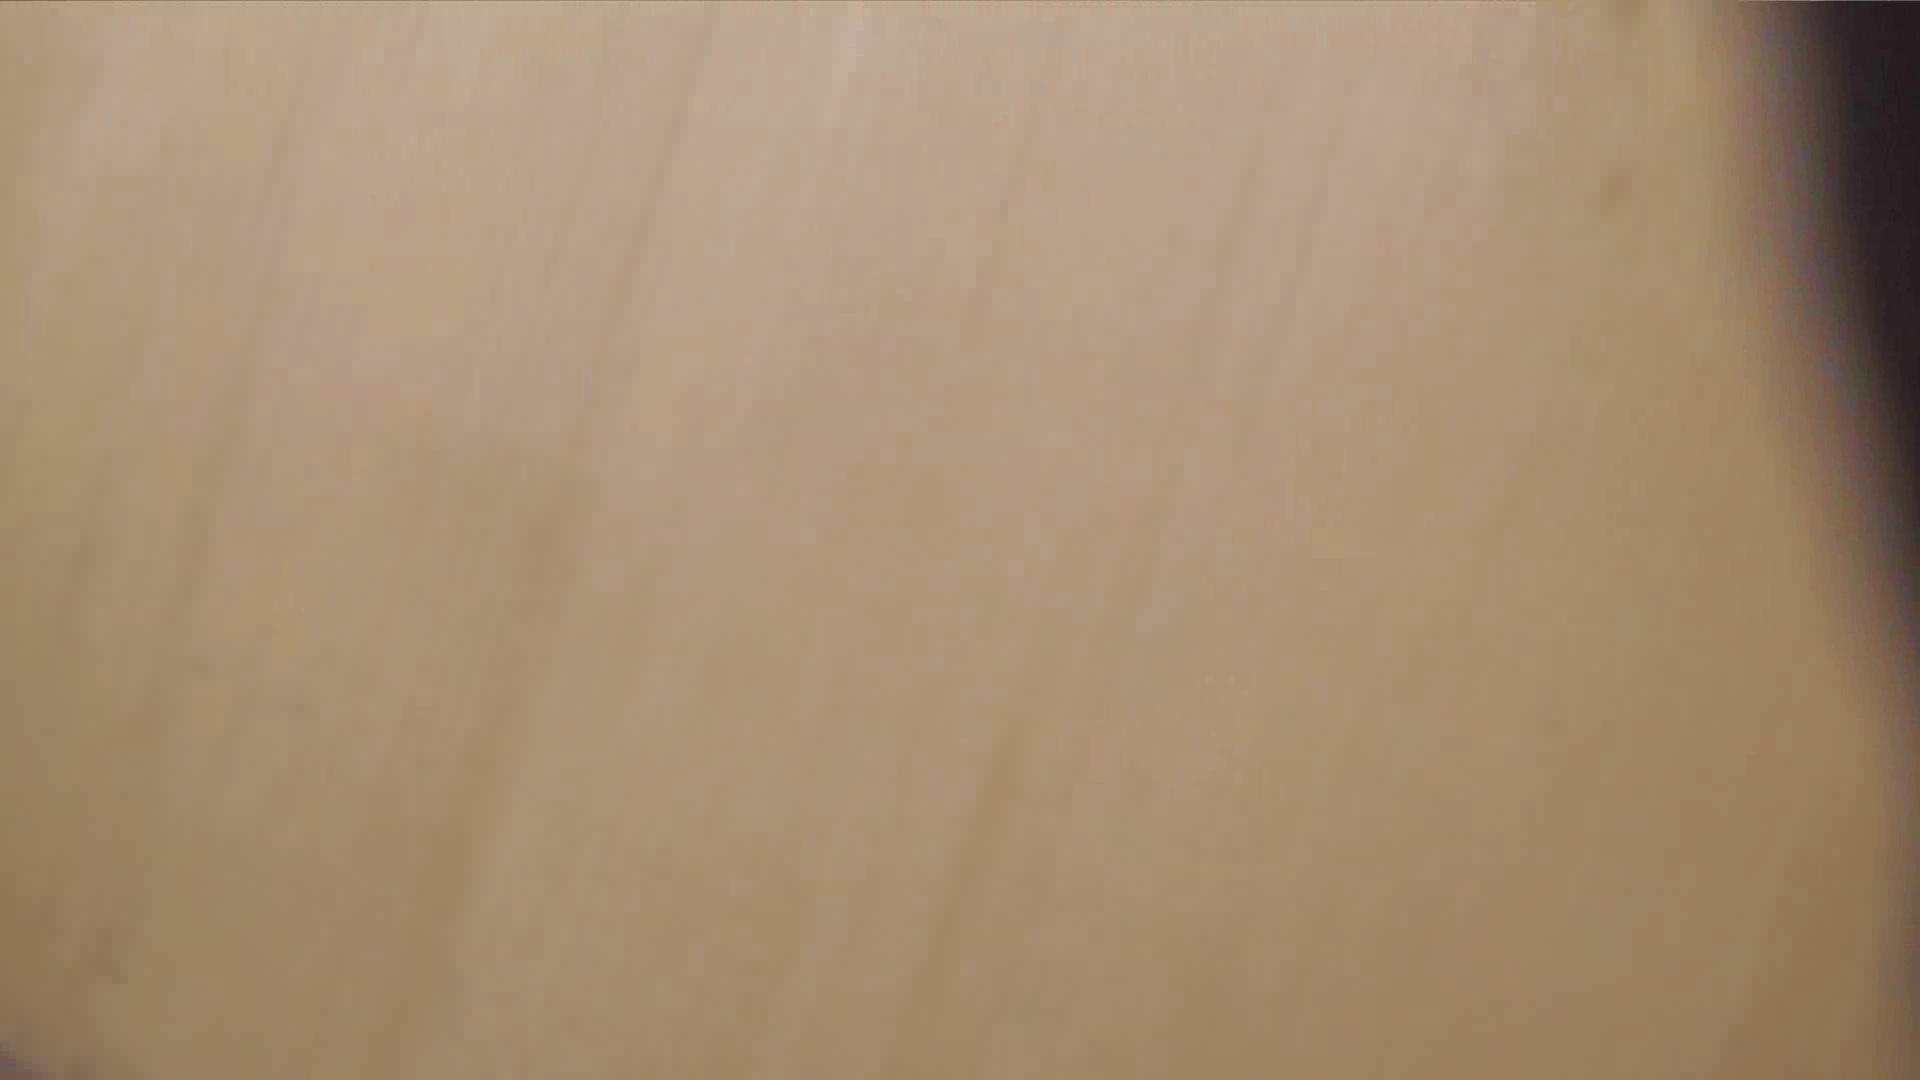 阿国ちゃんの「和式洋式七変化」No.18 iBO(フタコブ) 和式  99pic 46